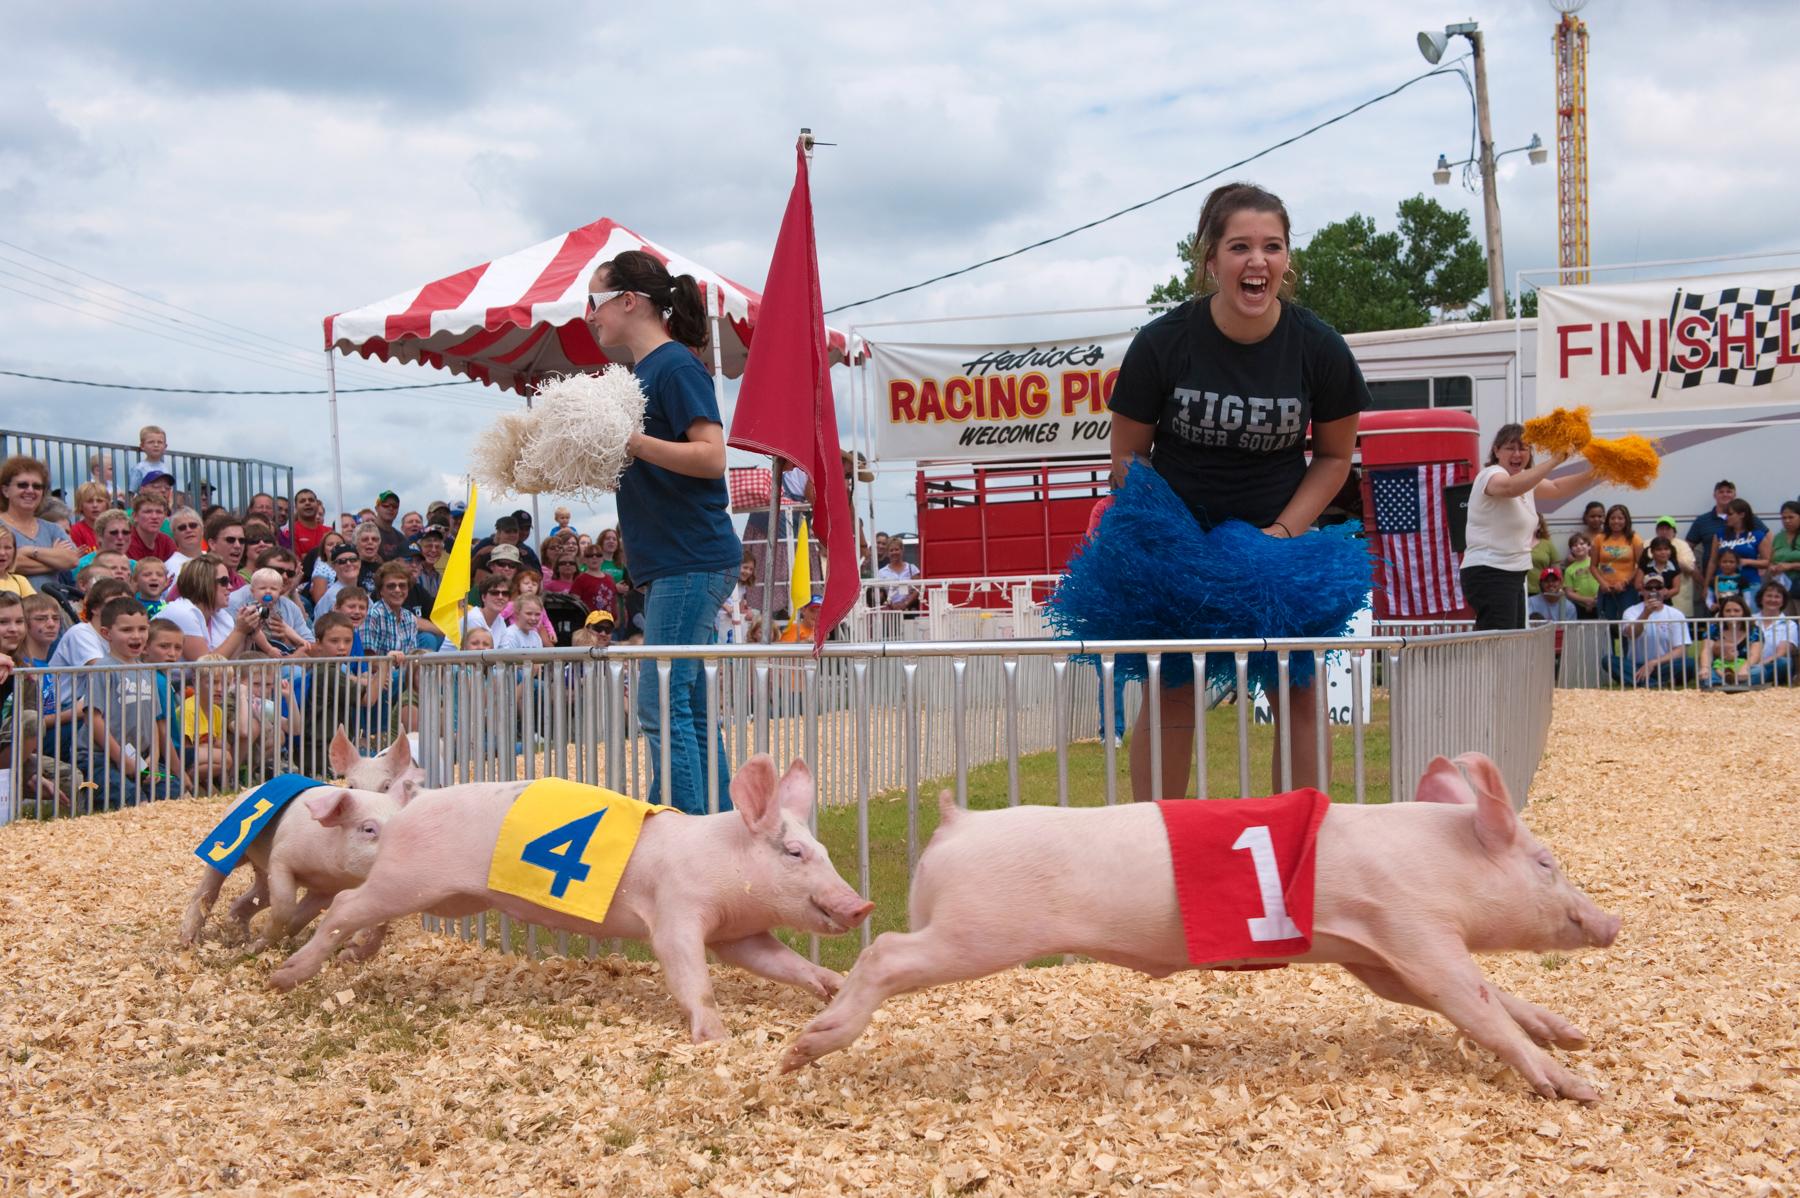 Des jeunes femmes poussant des cris d'encouragement à des cochons sprintant vers la ligne d'arrivée d'une course (© Joel Sartore/National Geographic)